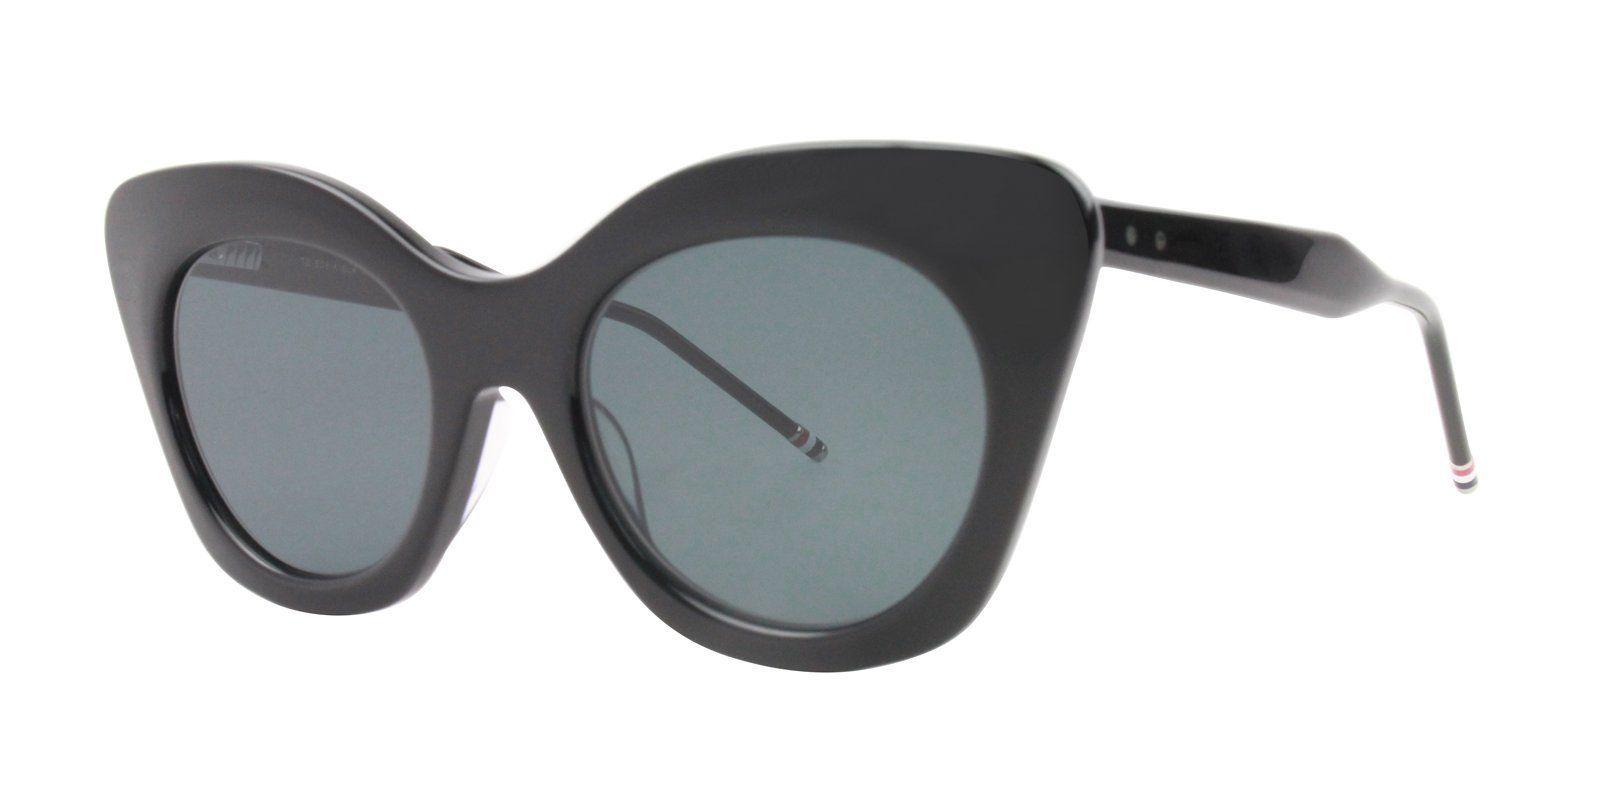 327e6a5330f3 Thom Browne - TB-508 Black - Dark Grey - AR-sunglasses-Designer Eyes ...